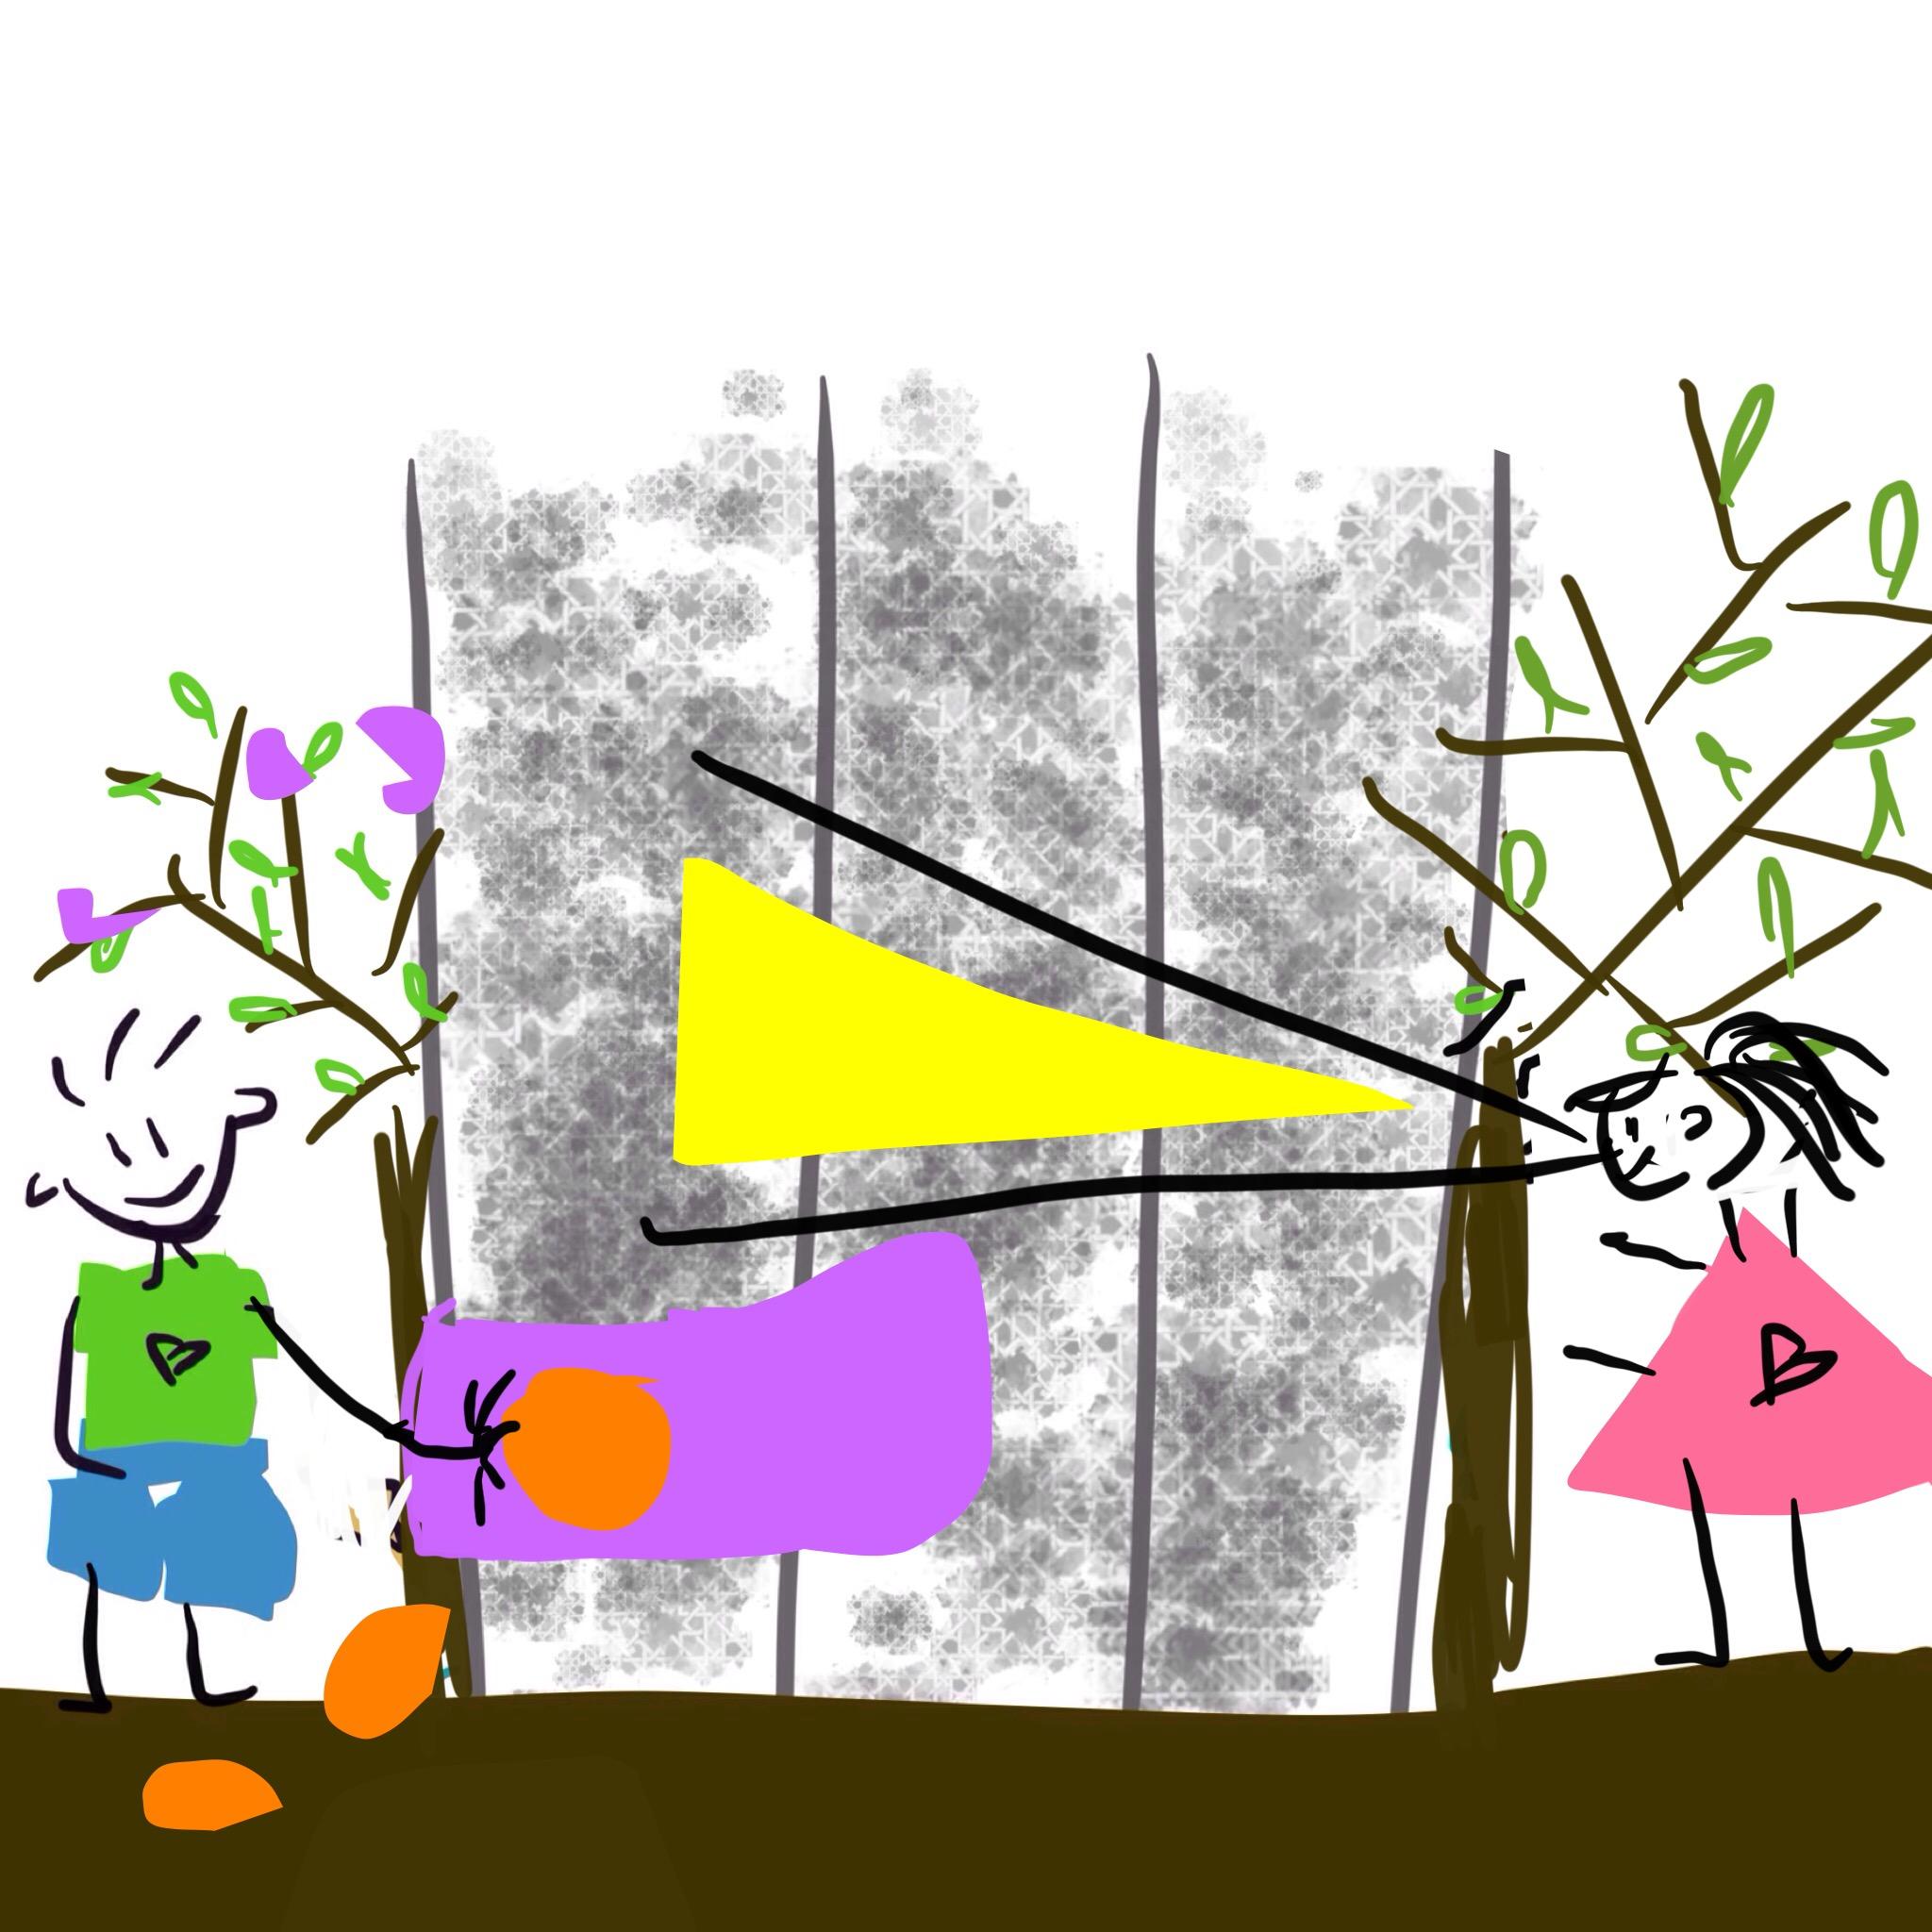 נעמה נעים והקיר by Sigal Magen - Illustrated by סיגל מגן - Ourboox.com